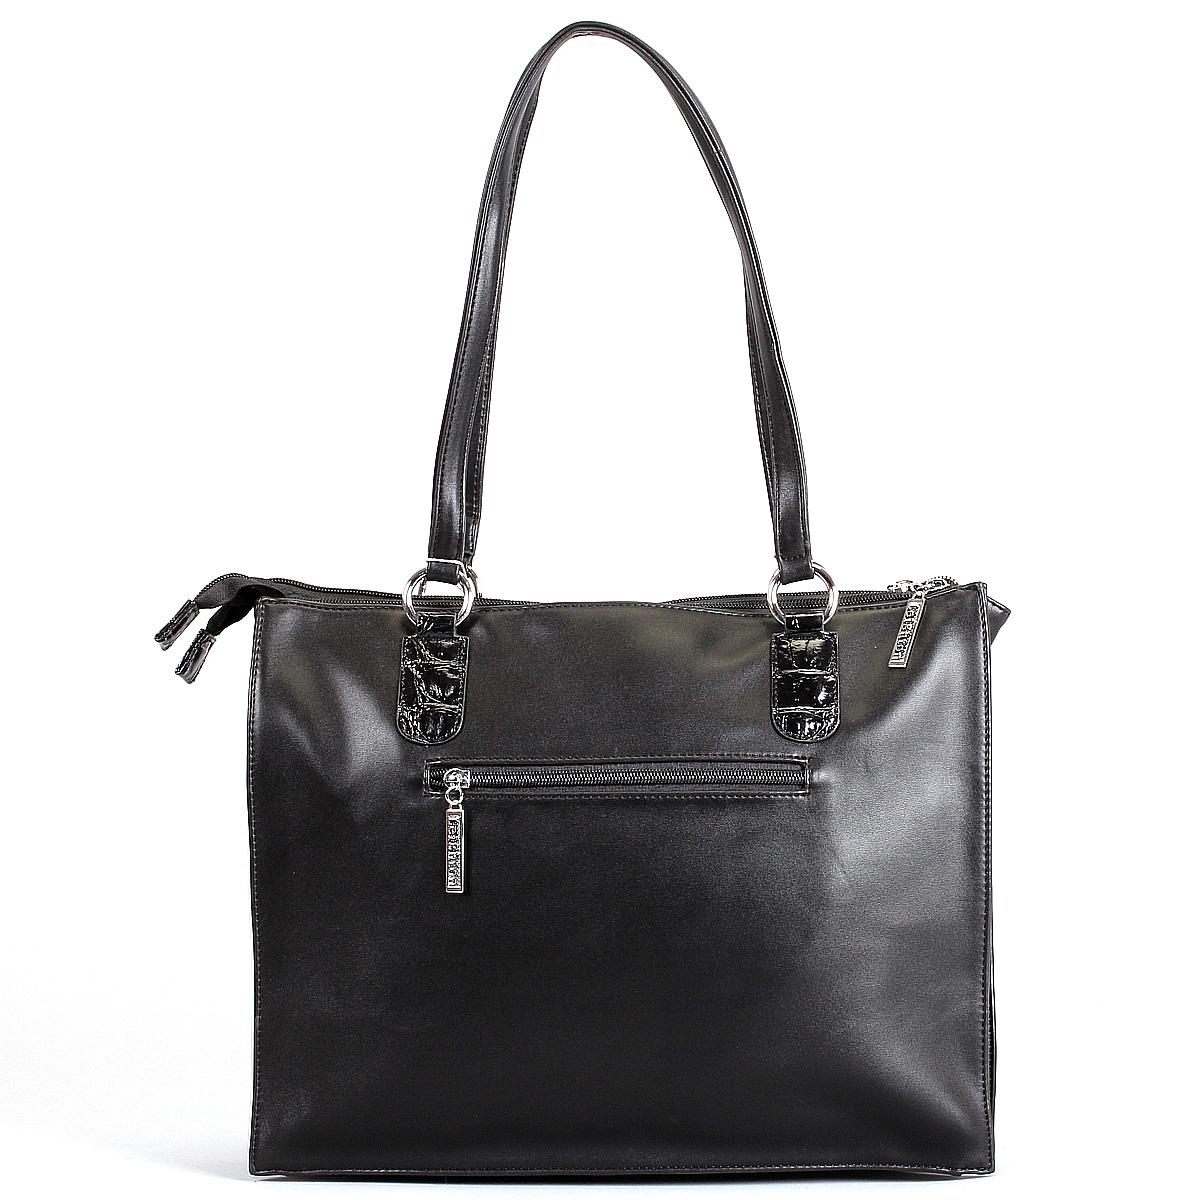 Сумка женская Leighton, цвет: черный. 570478-1092/101/3832/1 ( 570478-1092/101/3832/1 че )